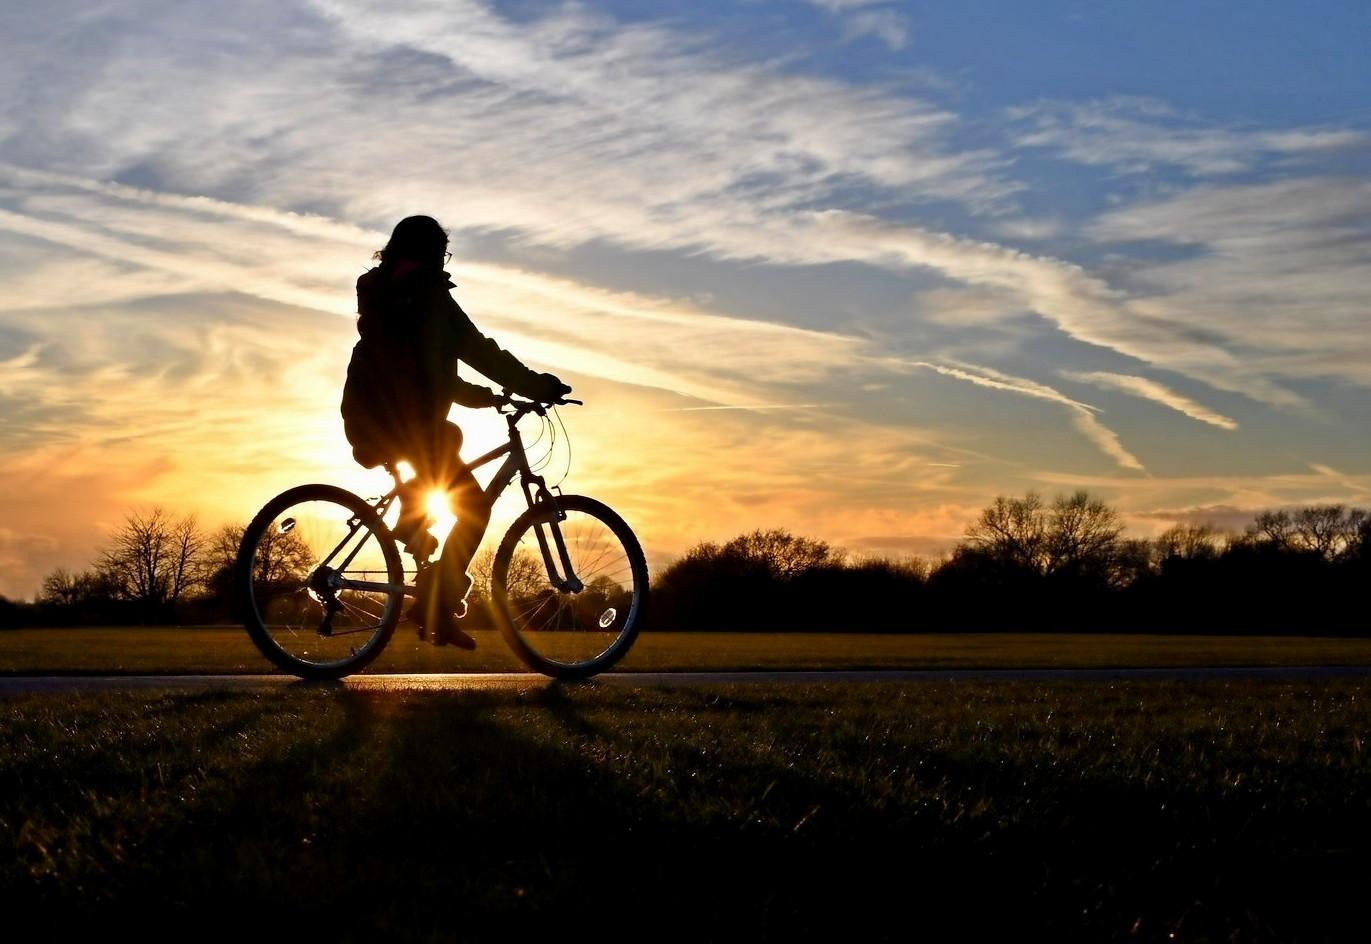 The_cyclist%255B1%255D.jpg